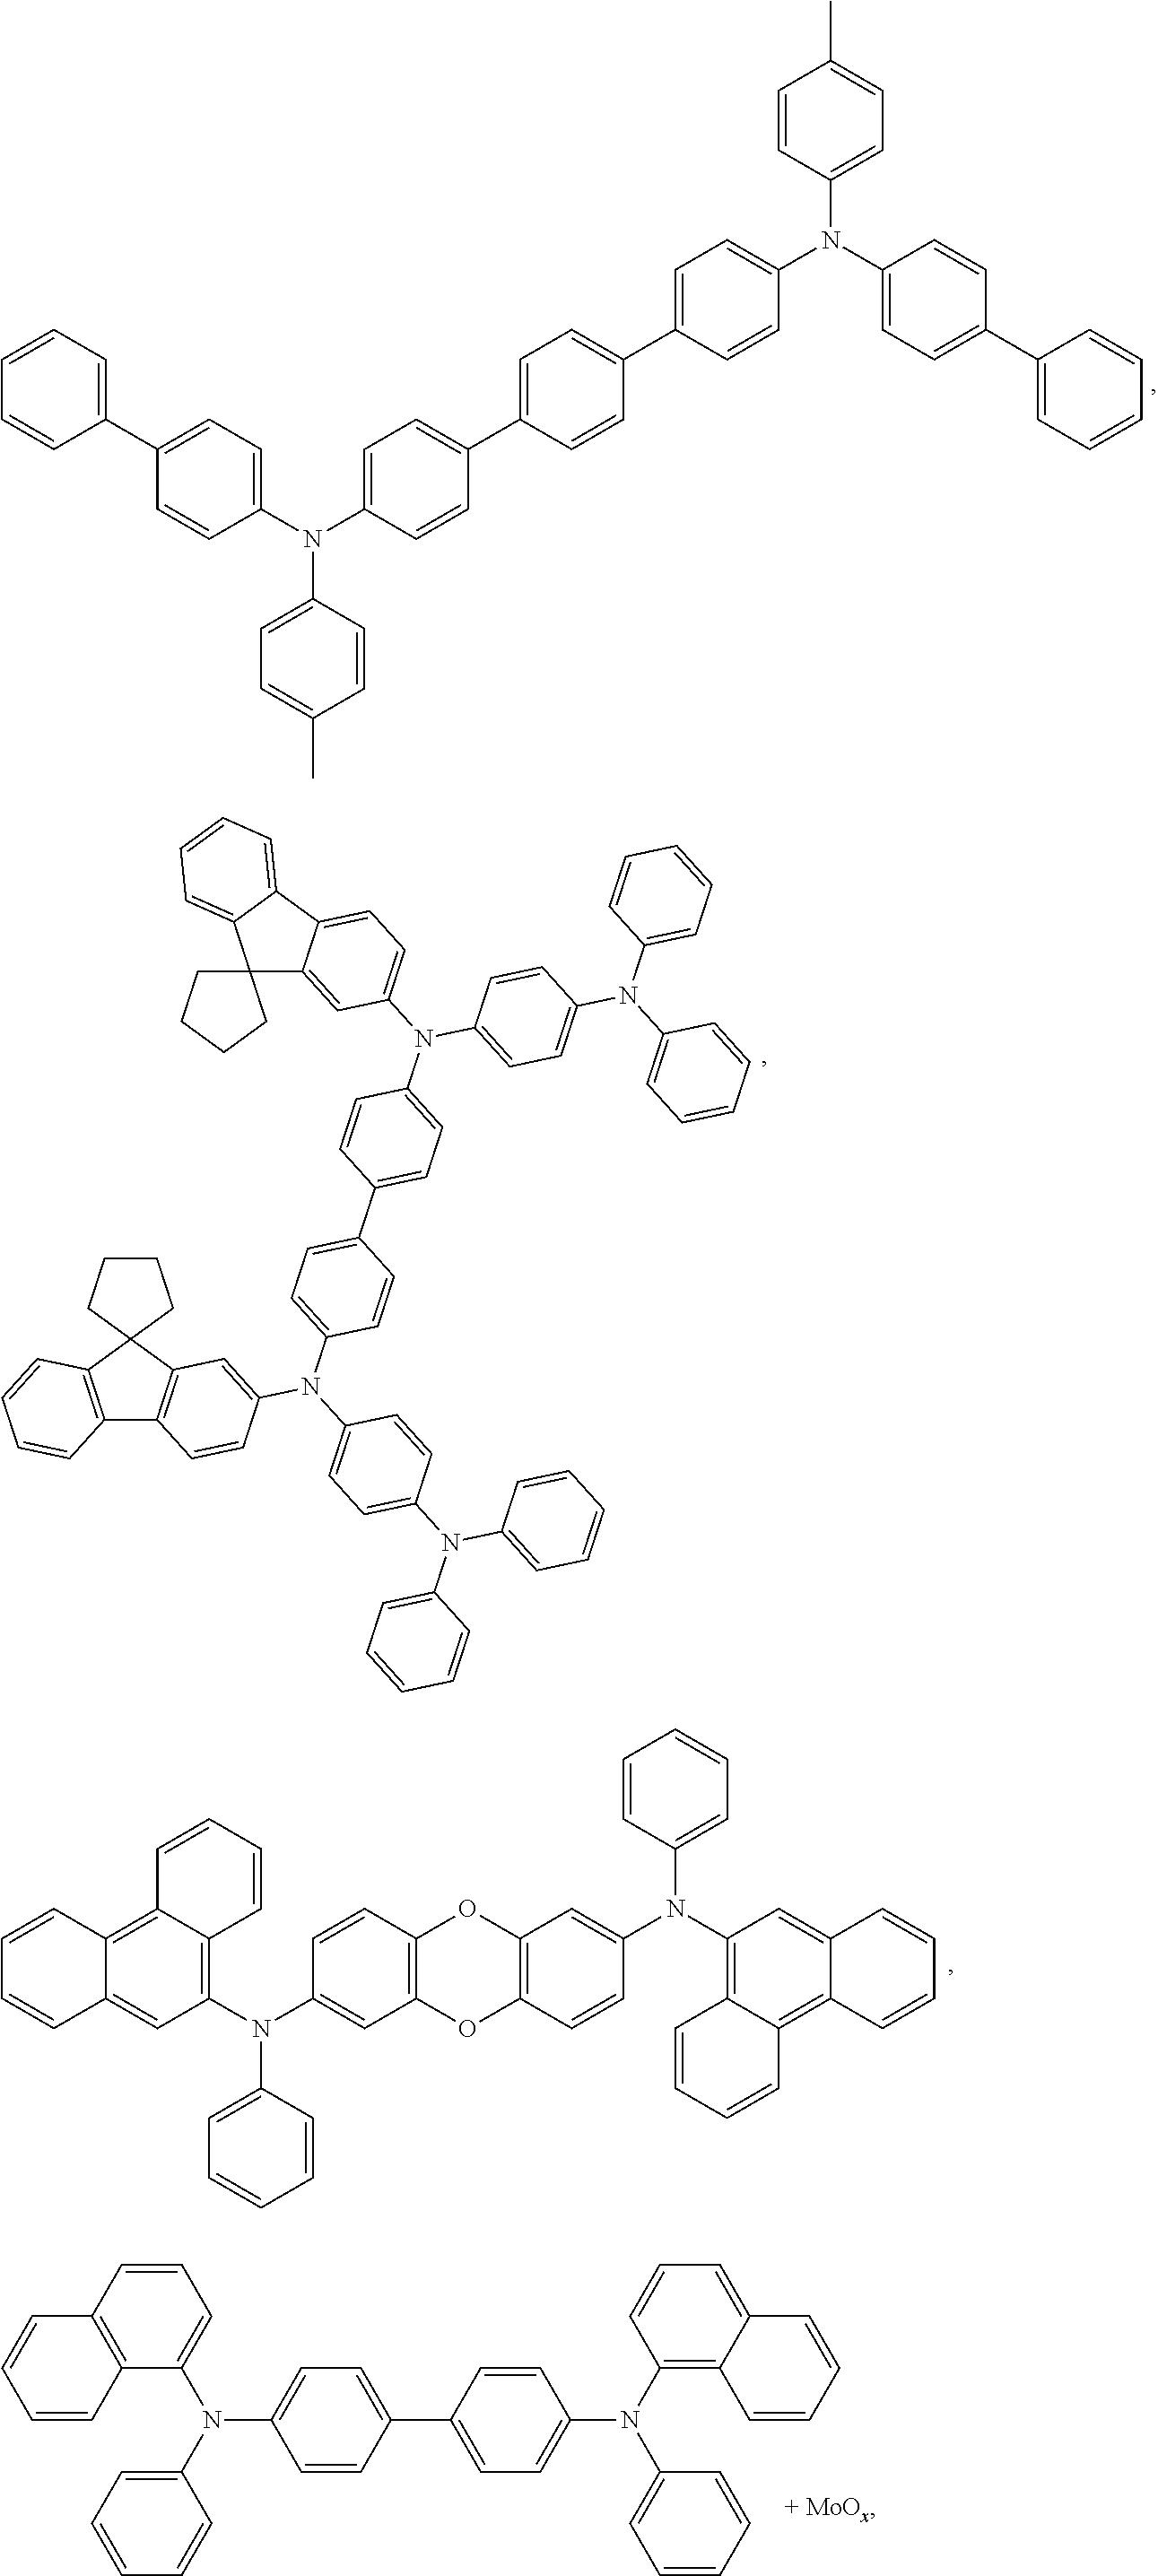 Figure US20180130962A1-20180510-C00148